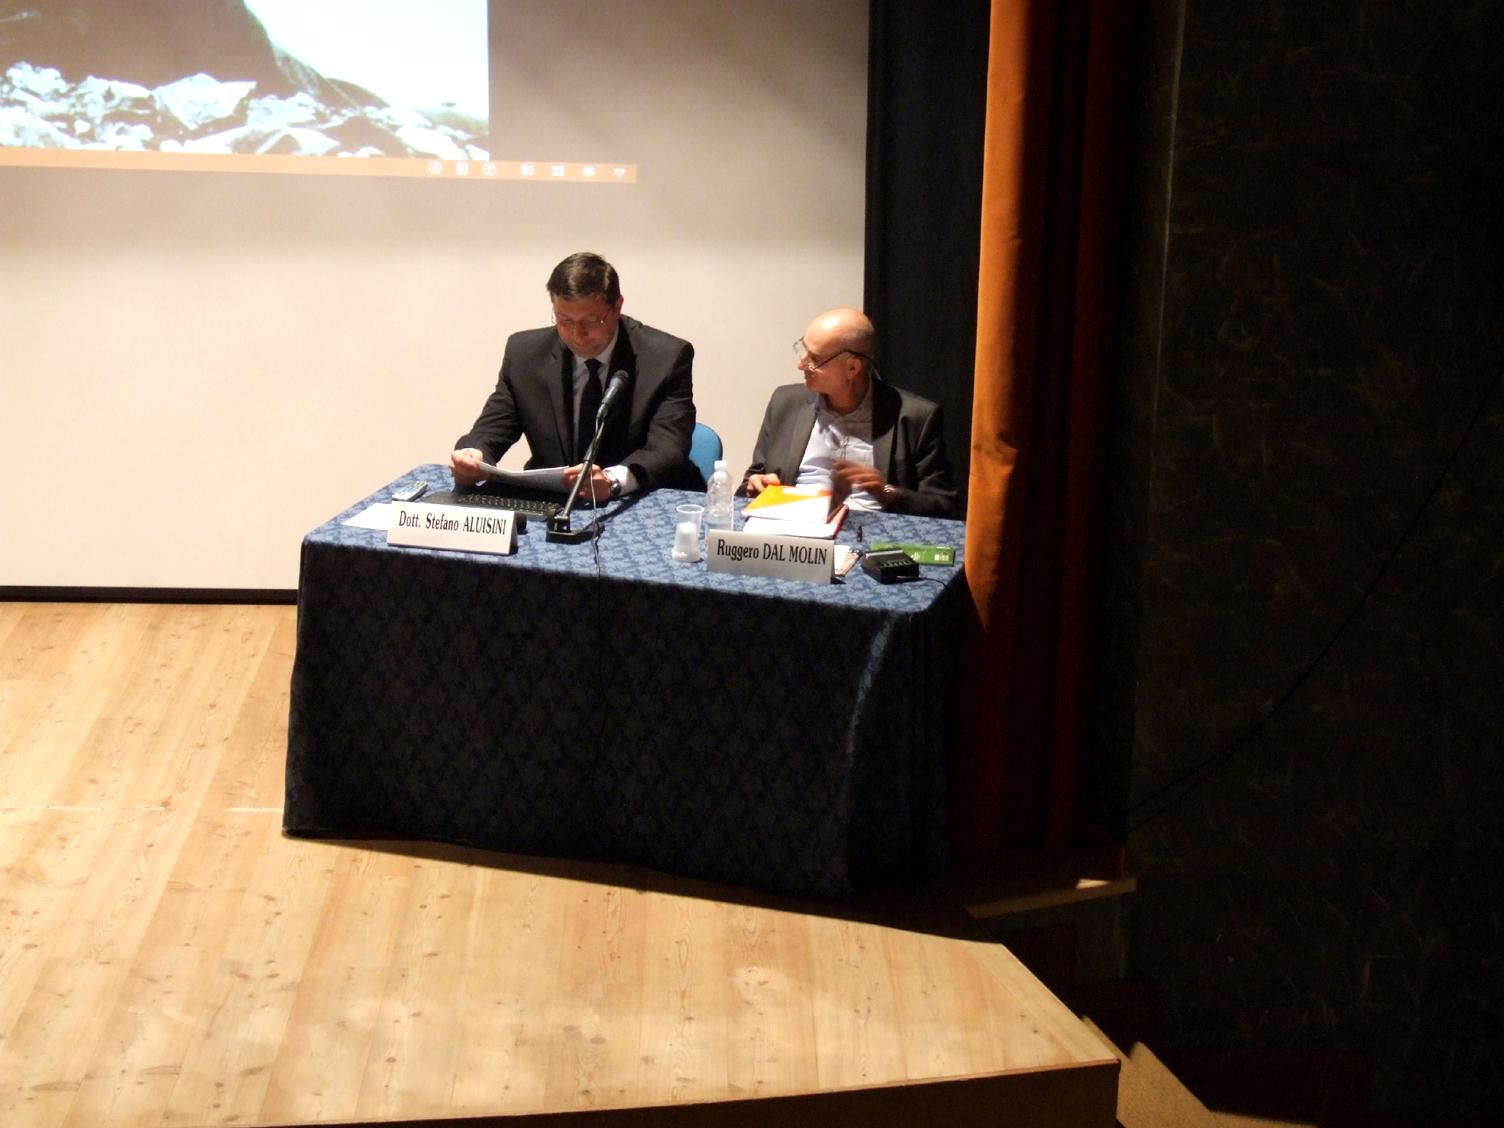 01 - Stefano e Ruggero al Convegno Di Cesuna del 2014.JPG